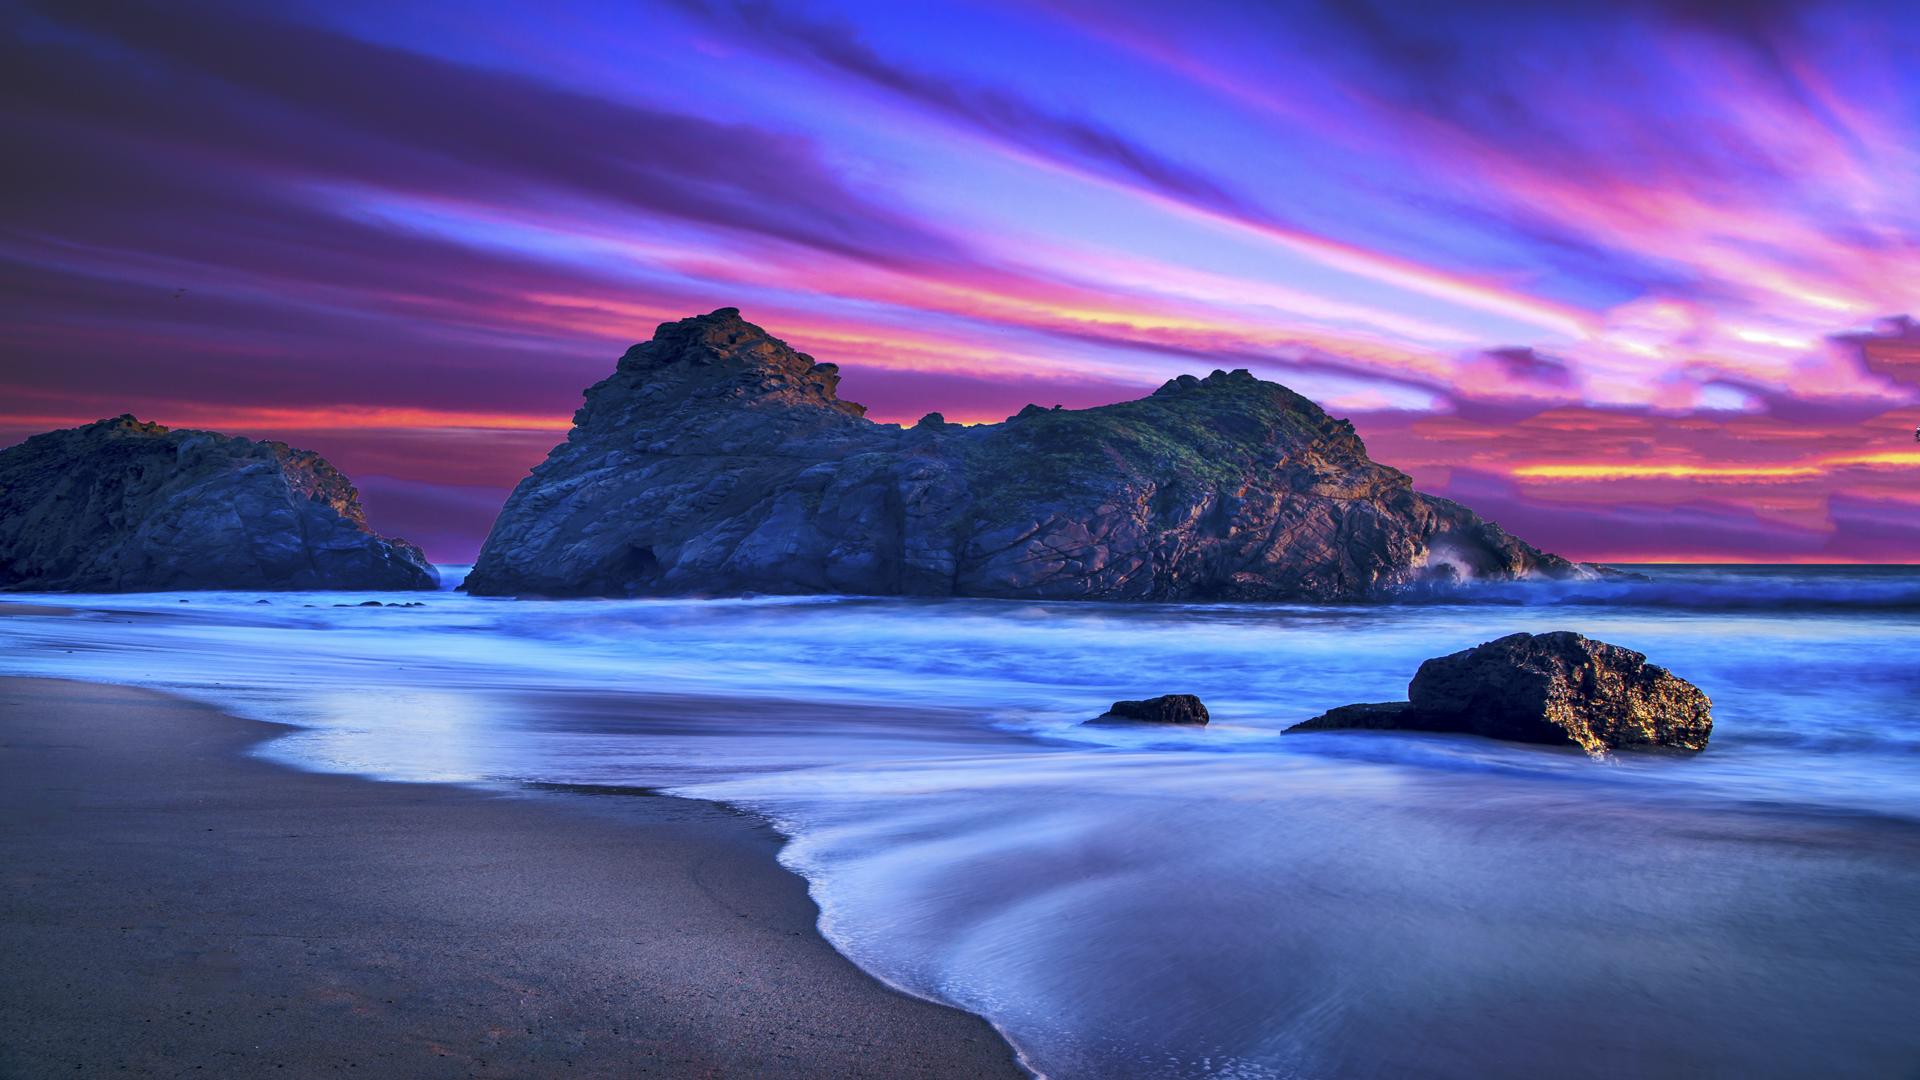 SunsetKeyholeRock2edit